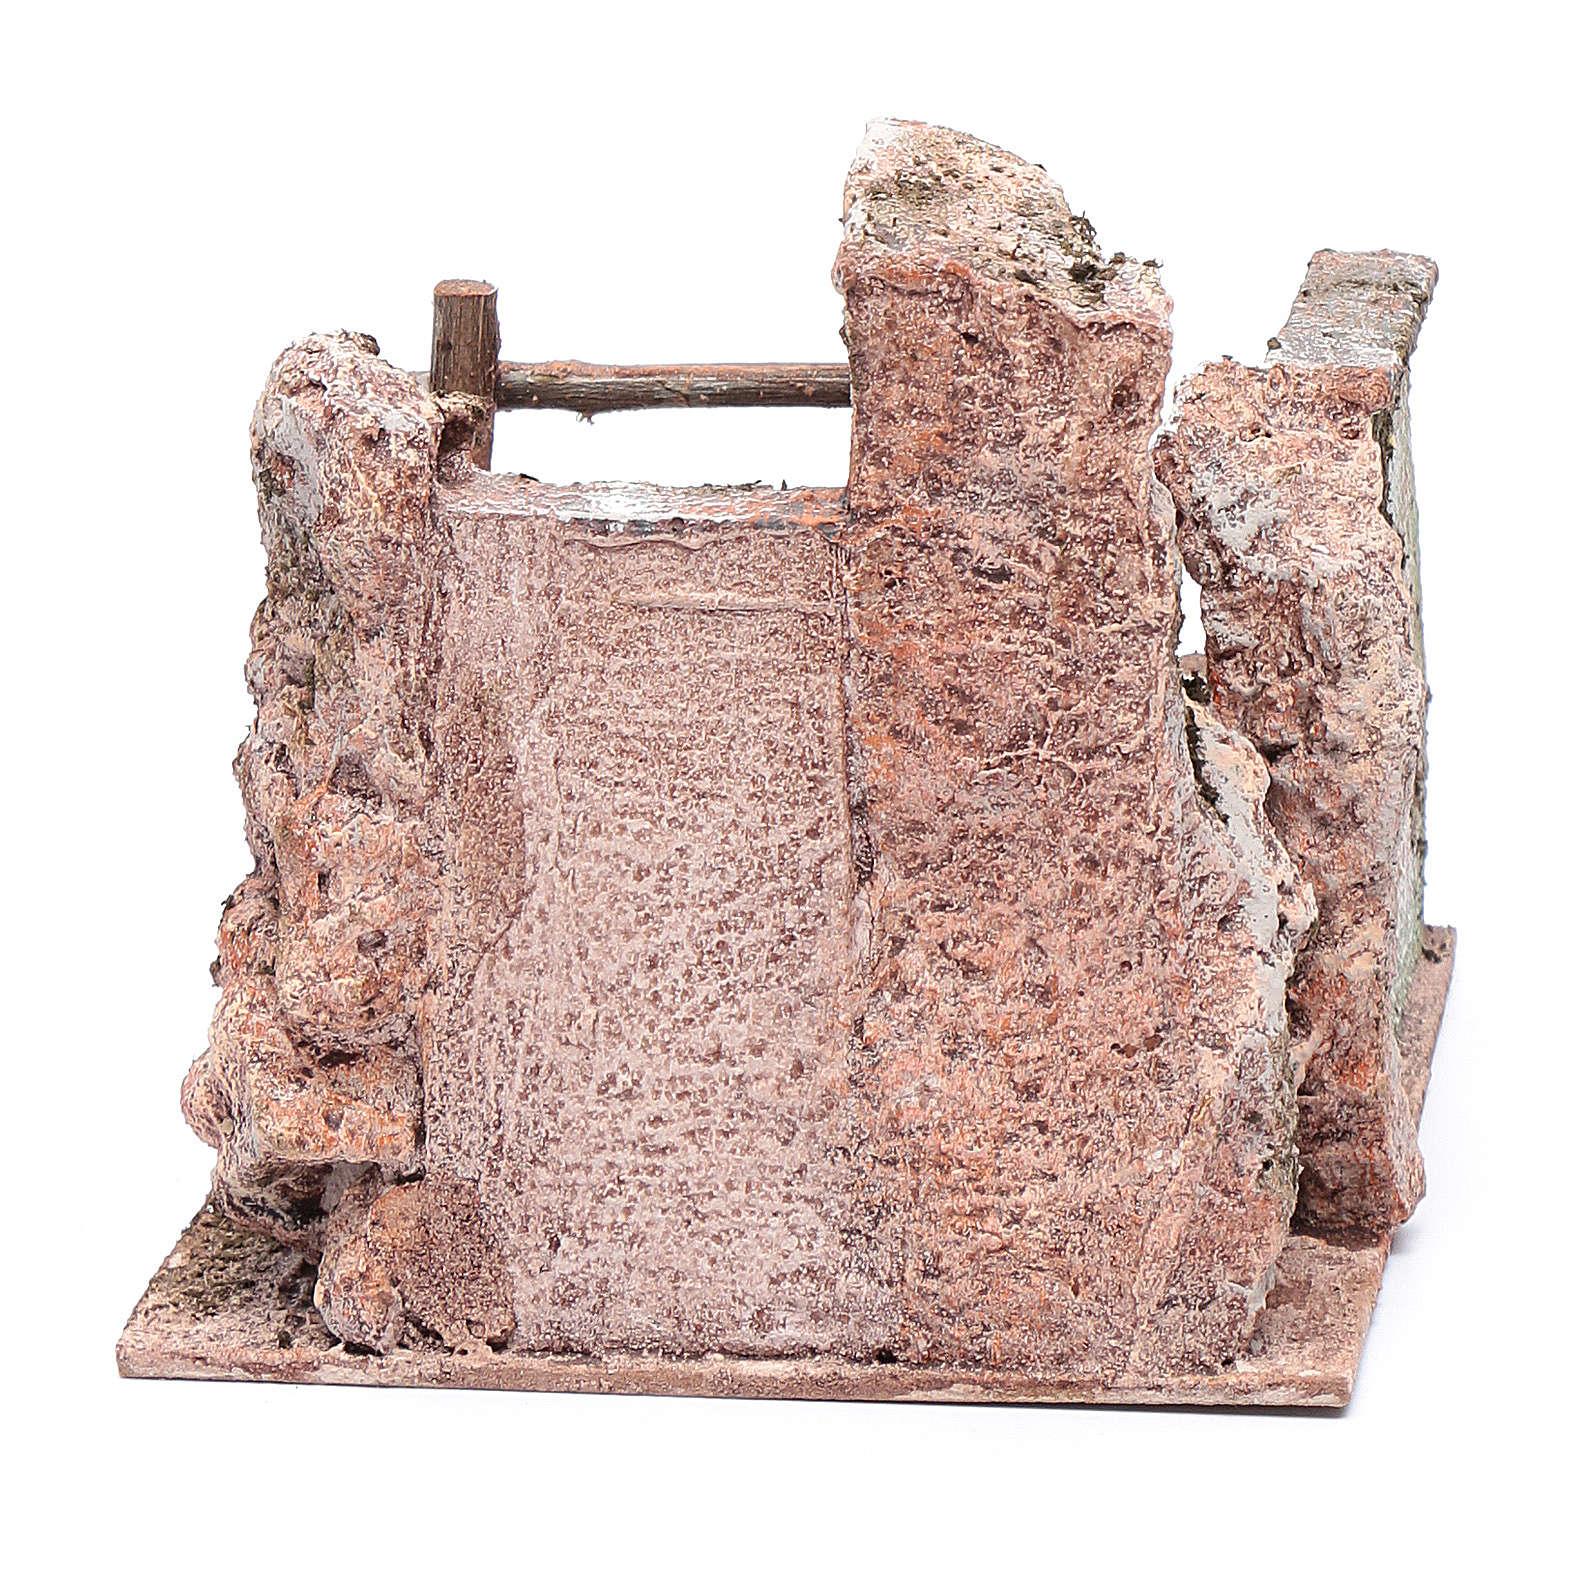 Escalera belén derruida 15x20x15 cm 4